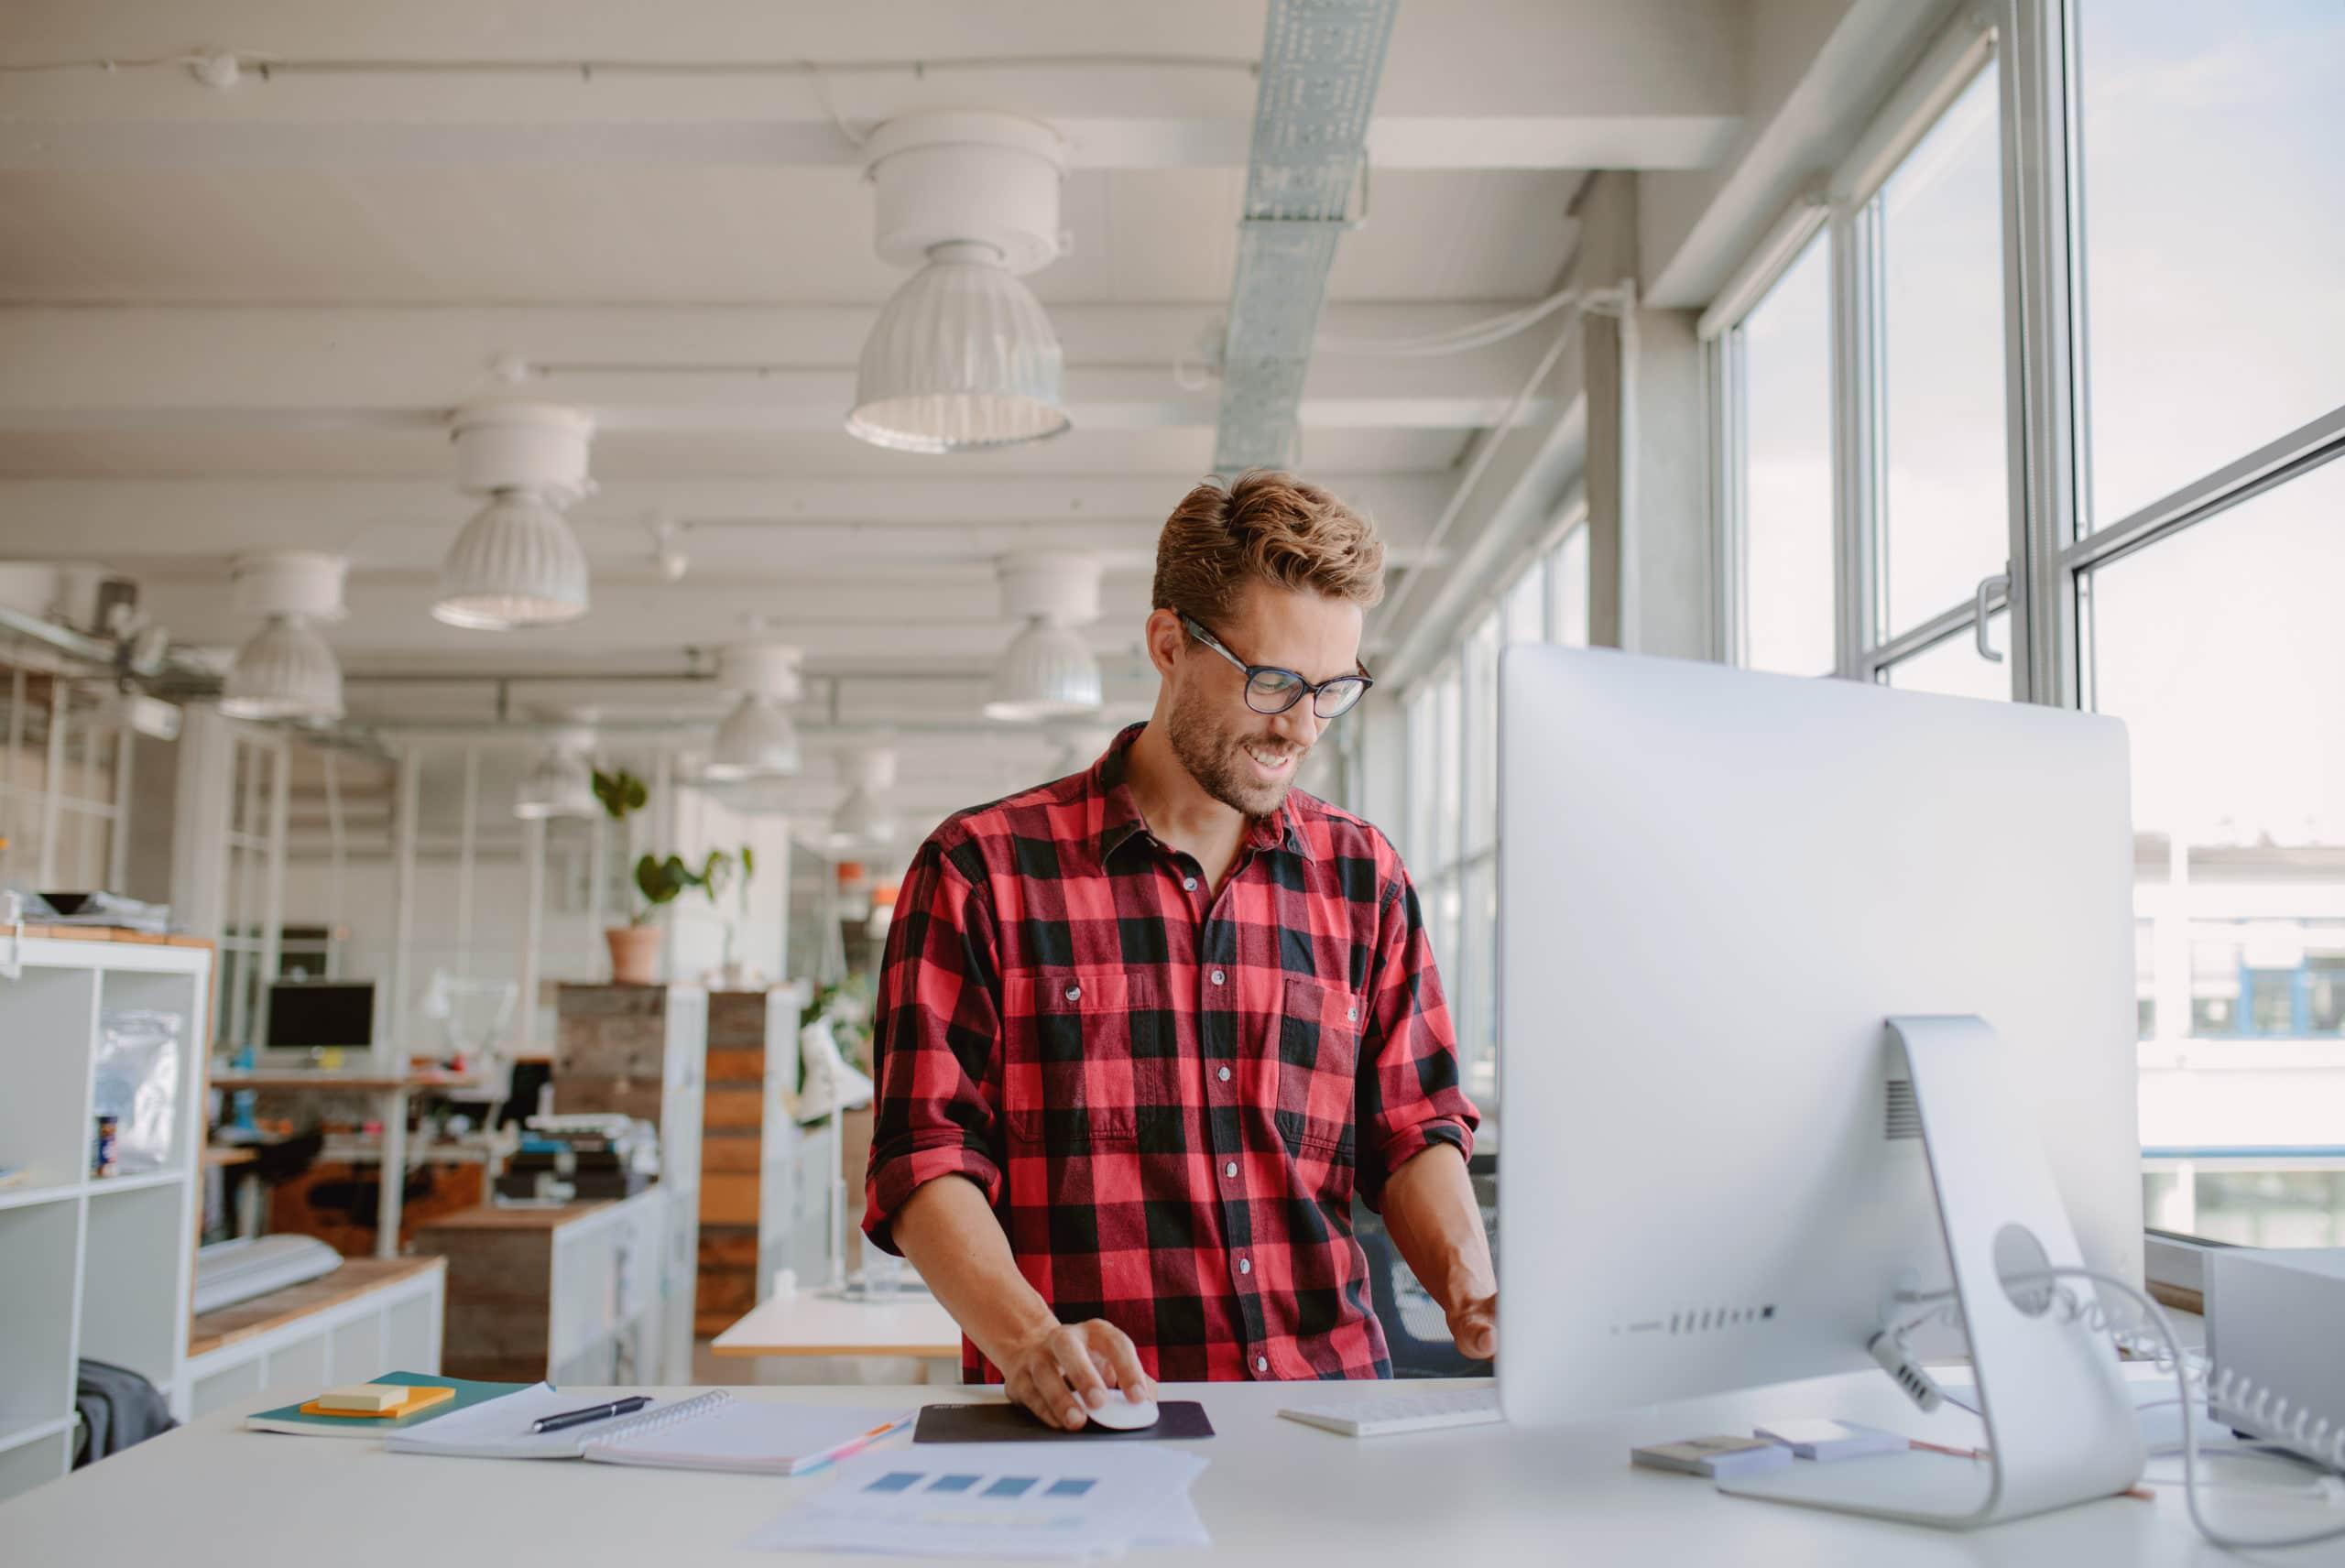 Ung glad man ser glad ut och arbetar på dator vid skrivbord på kontor